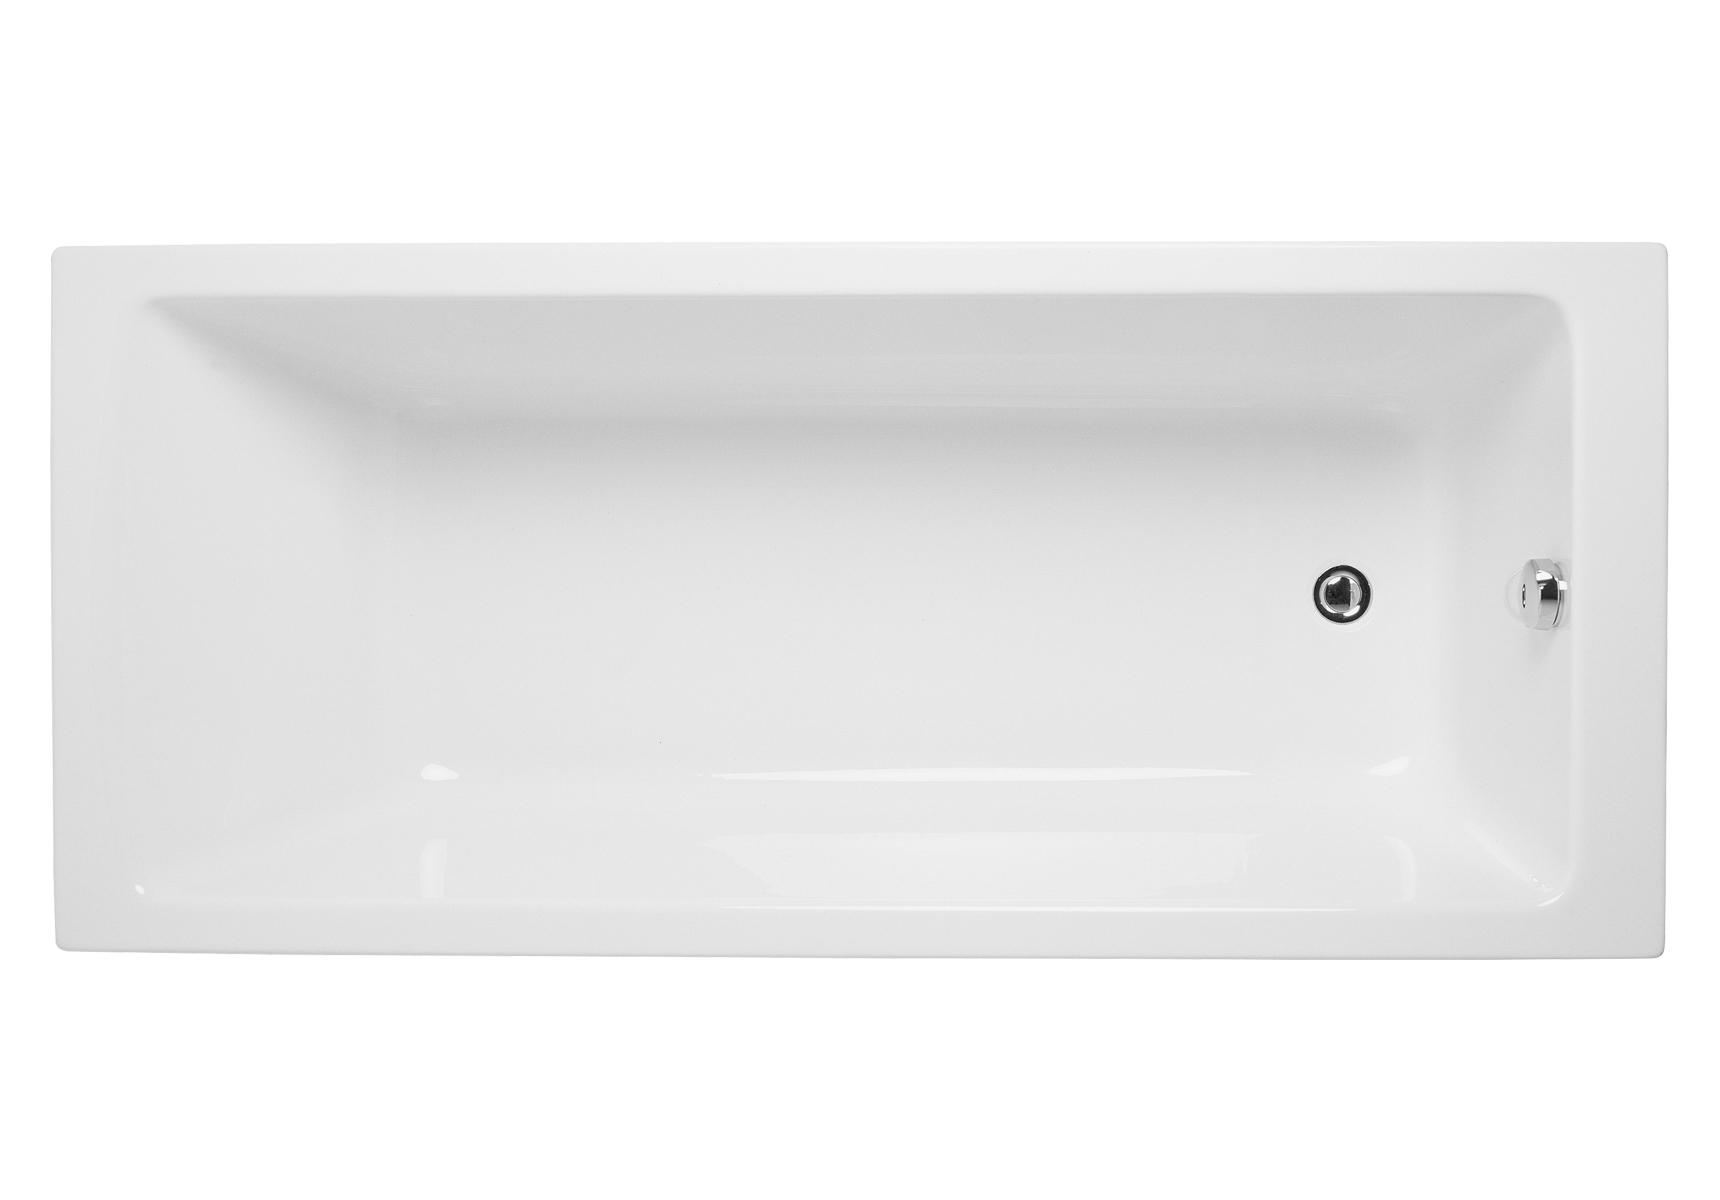 Integra baignoire ergonomique rectangulaire en acrylique 4 mm, 160  x  75 cm